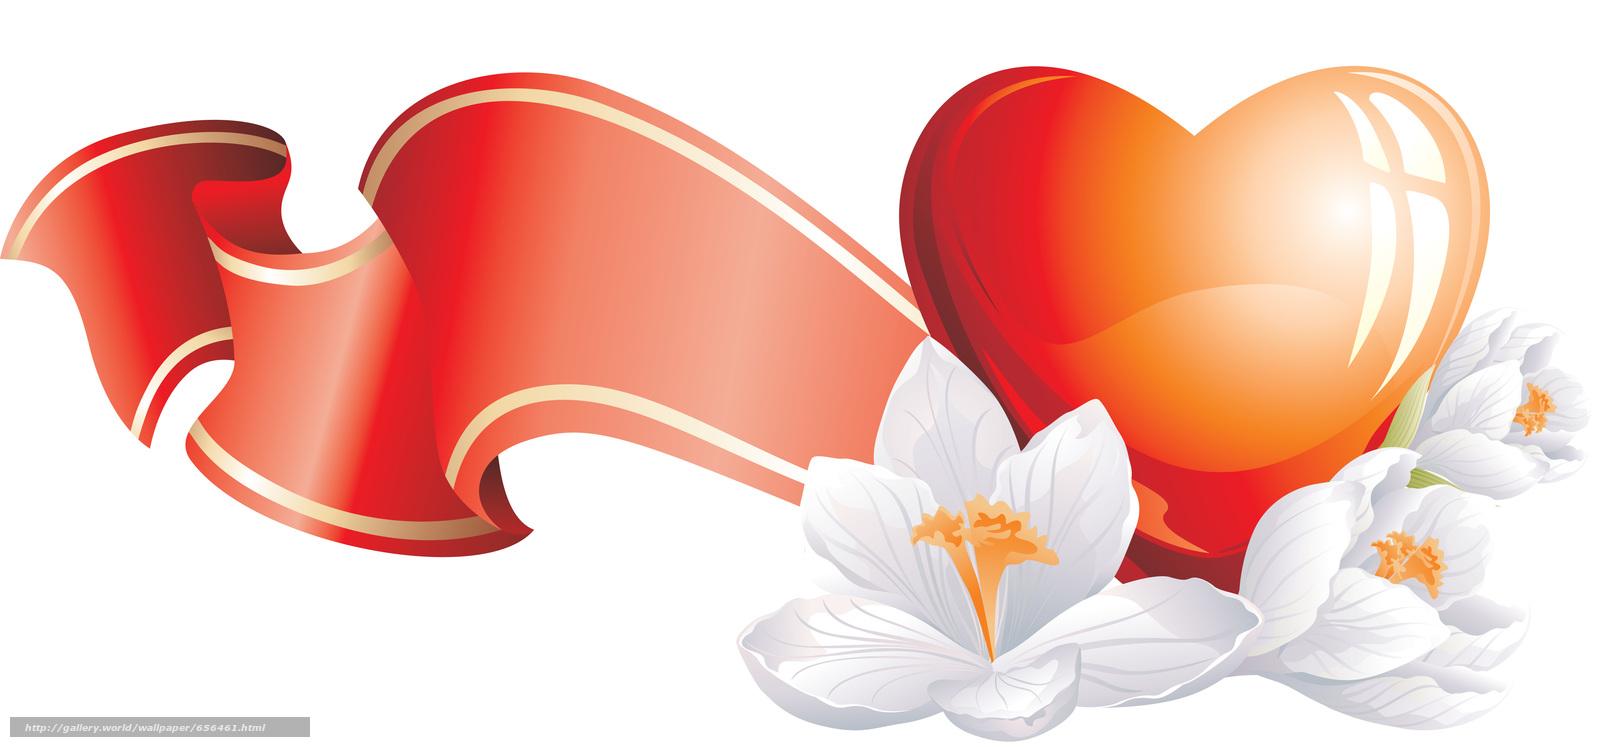 Скачать обои день святого валентина,  день всех влюбленных,  праздник,  сердце бесплатно для рабочего стола в разрешении 5936x2773 — картинка №656461